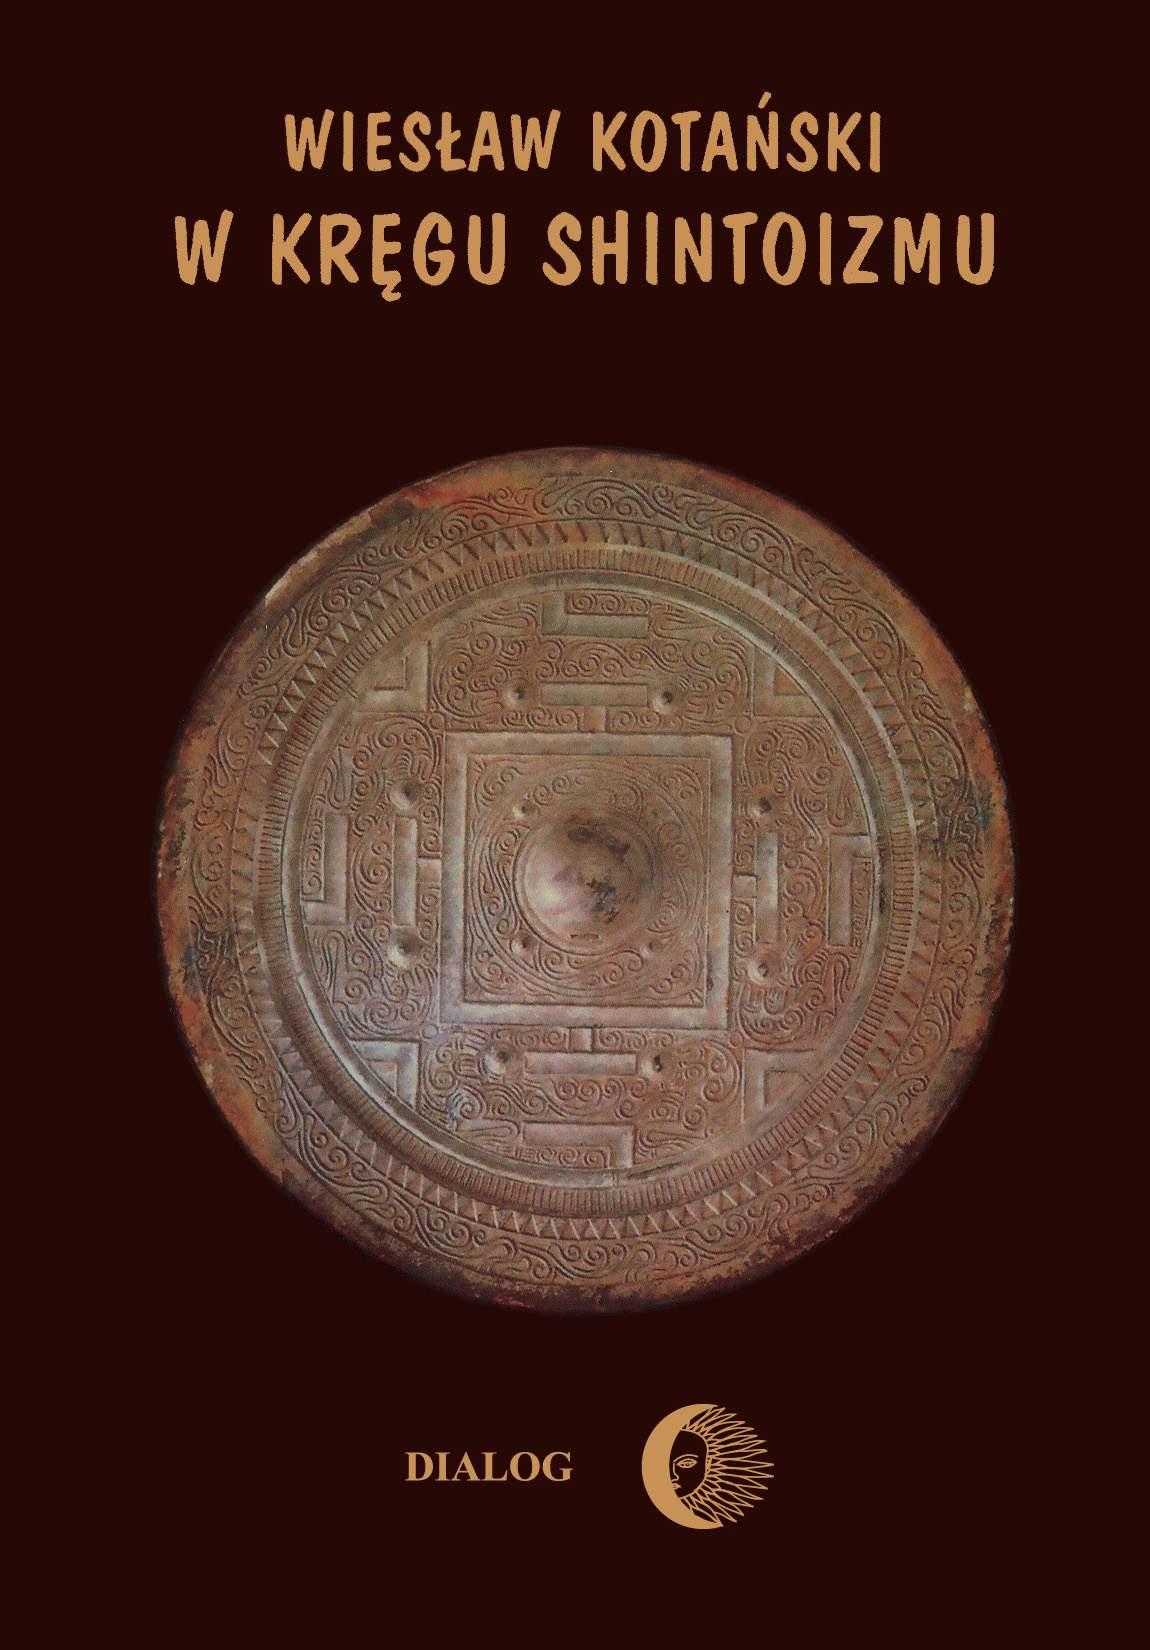 W kręgu shintoizmu. Tom 1 Przeszłość i jej tajemnice - Ebook (Książka na Kindle) do pobrania w formacie MOBI